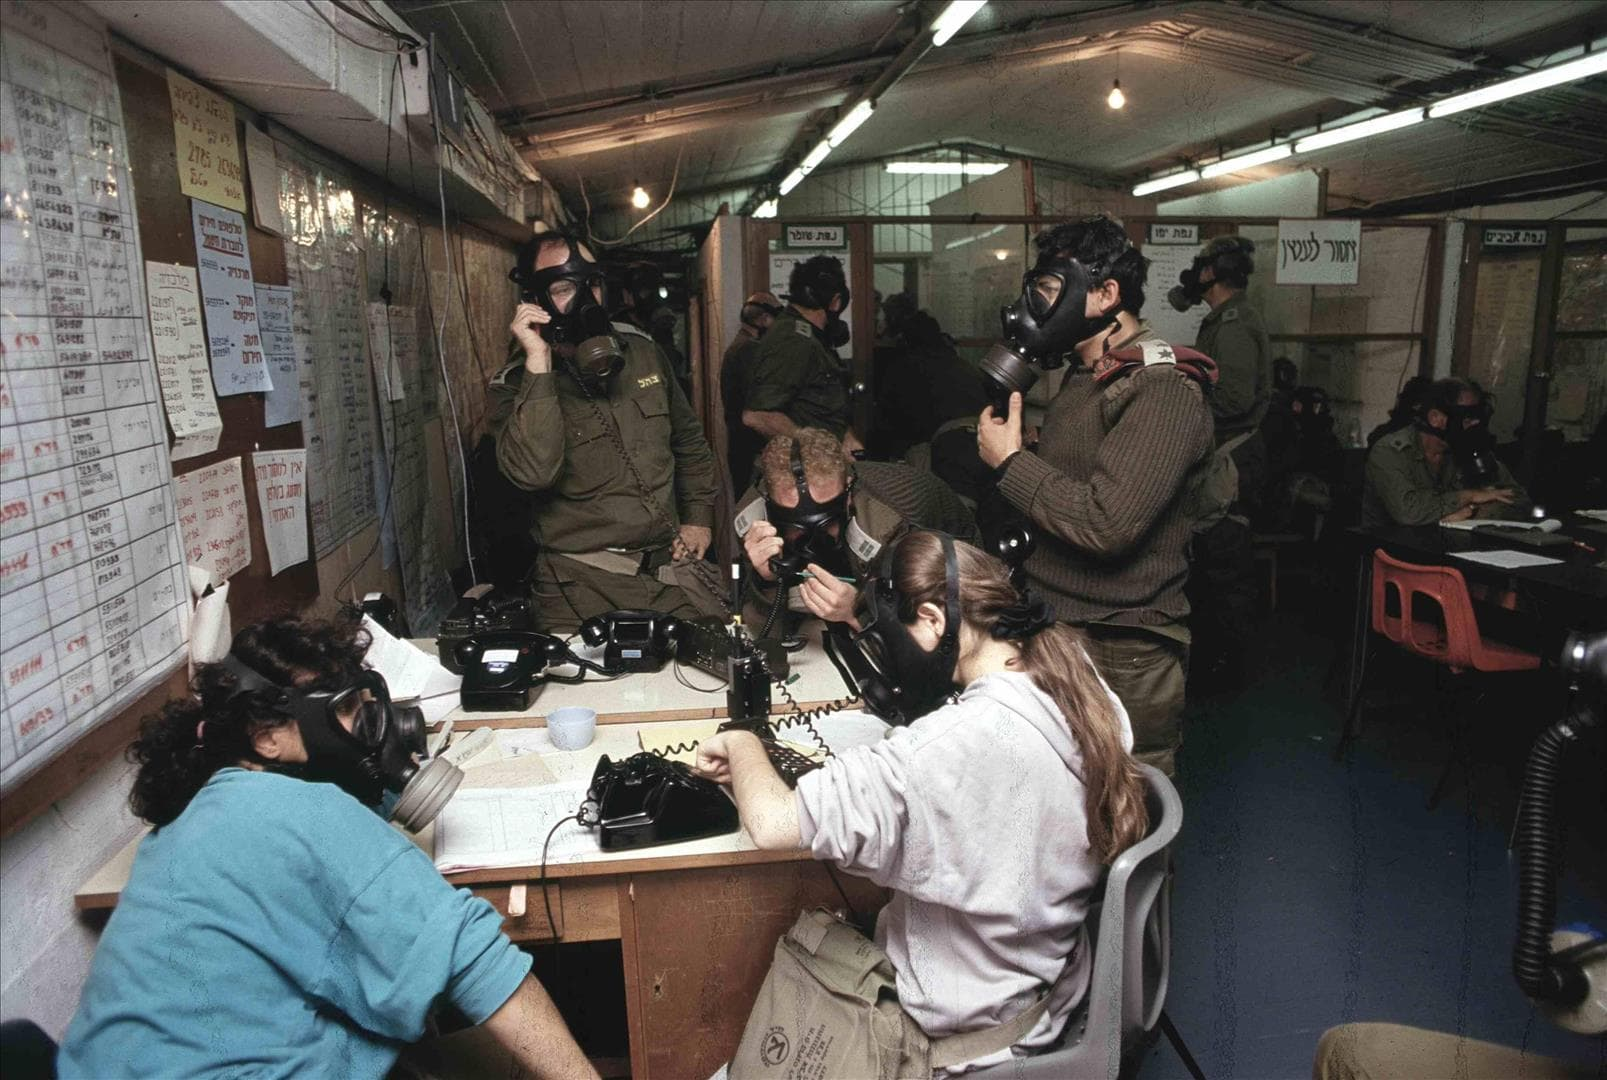 """החמ""""ל באזור יפו במלחמת המפרץ (צילום: אסף טופז, מיכאל צרפתי, נועם וינד / ארכיון צה""""ל במשרד הביטחון)"""